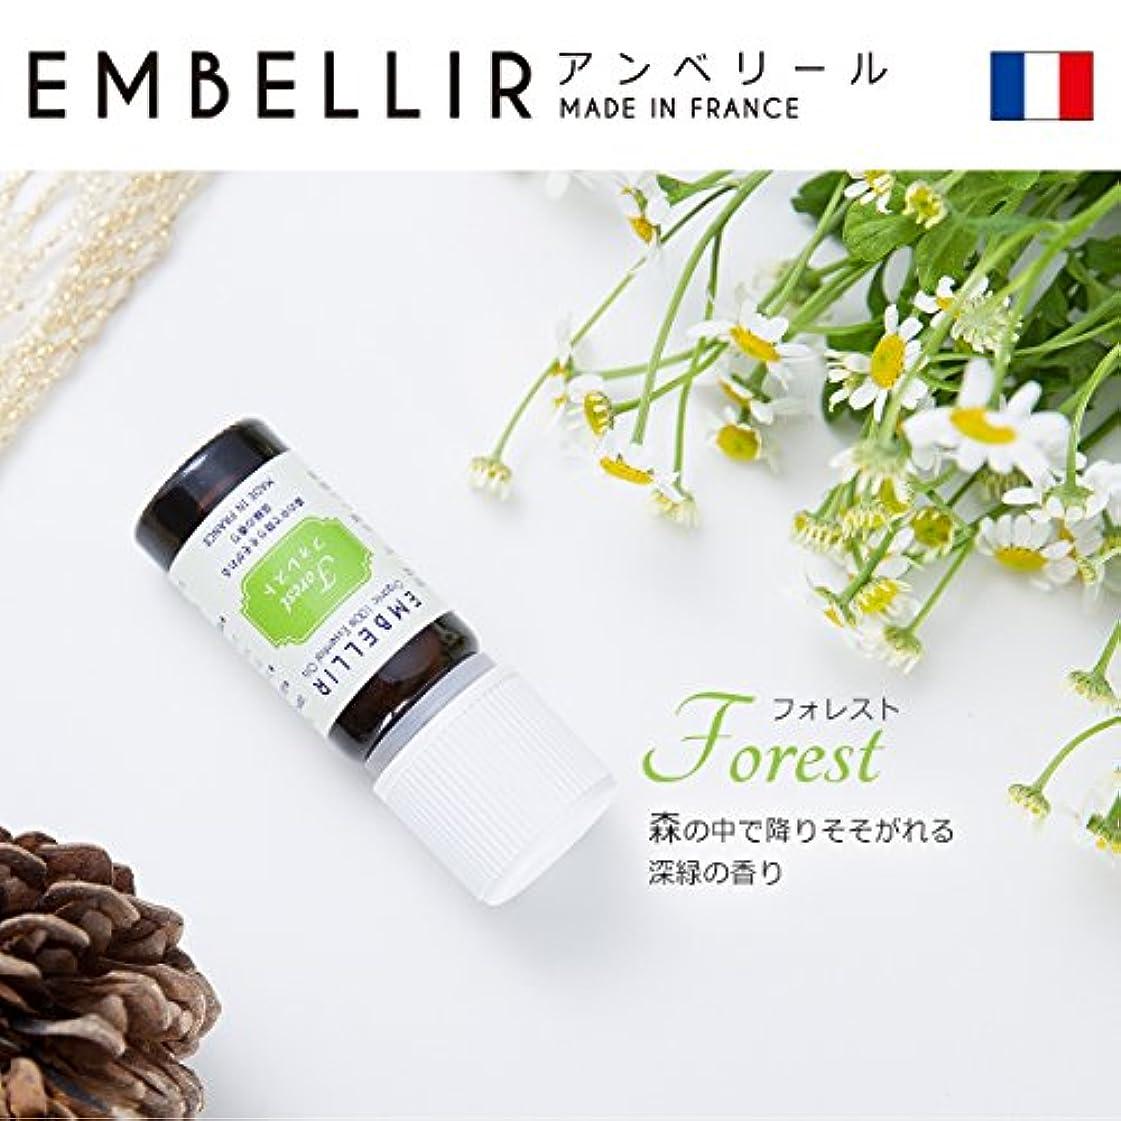 一過性単語失うWY エッセンシャルオイル フランス産 オーガニック100% アロマオイル 全4種類 WY-AROMA (フォレスト)